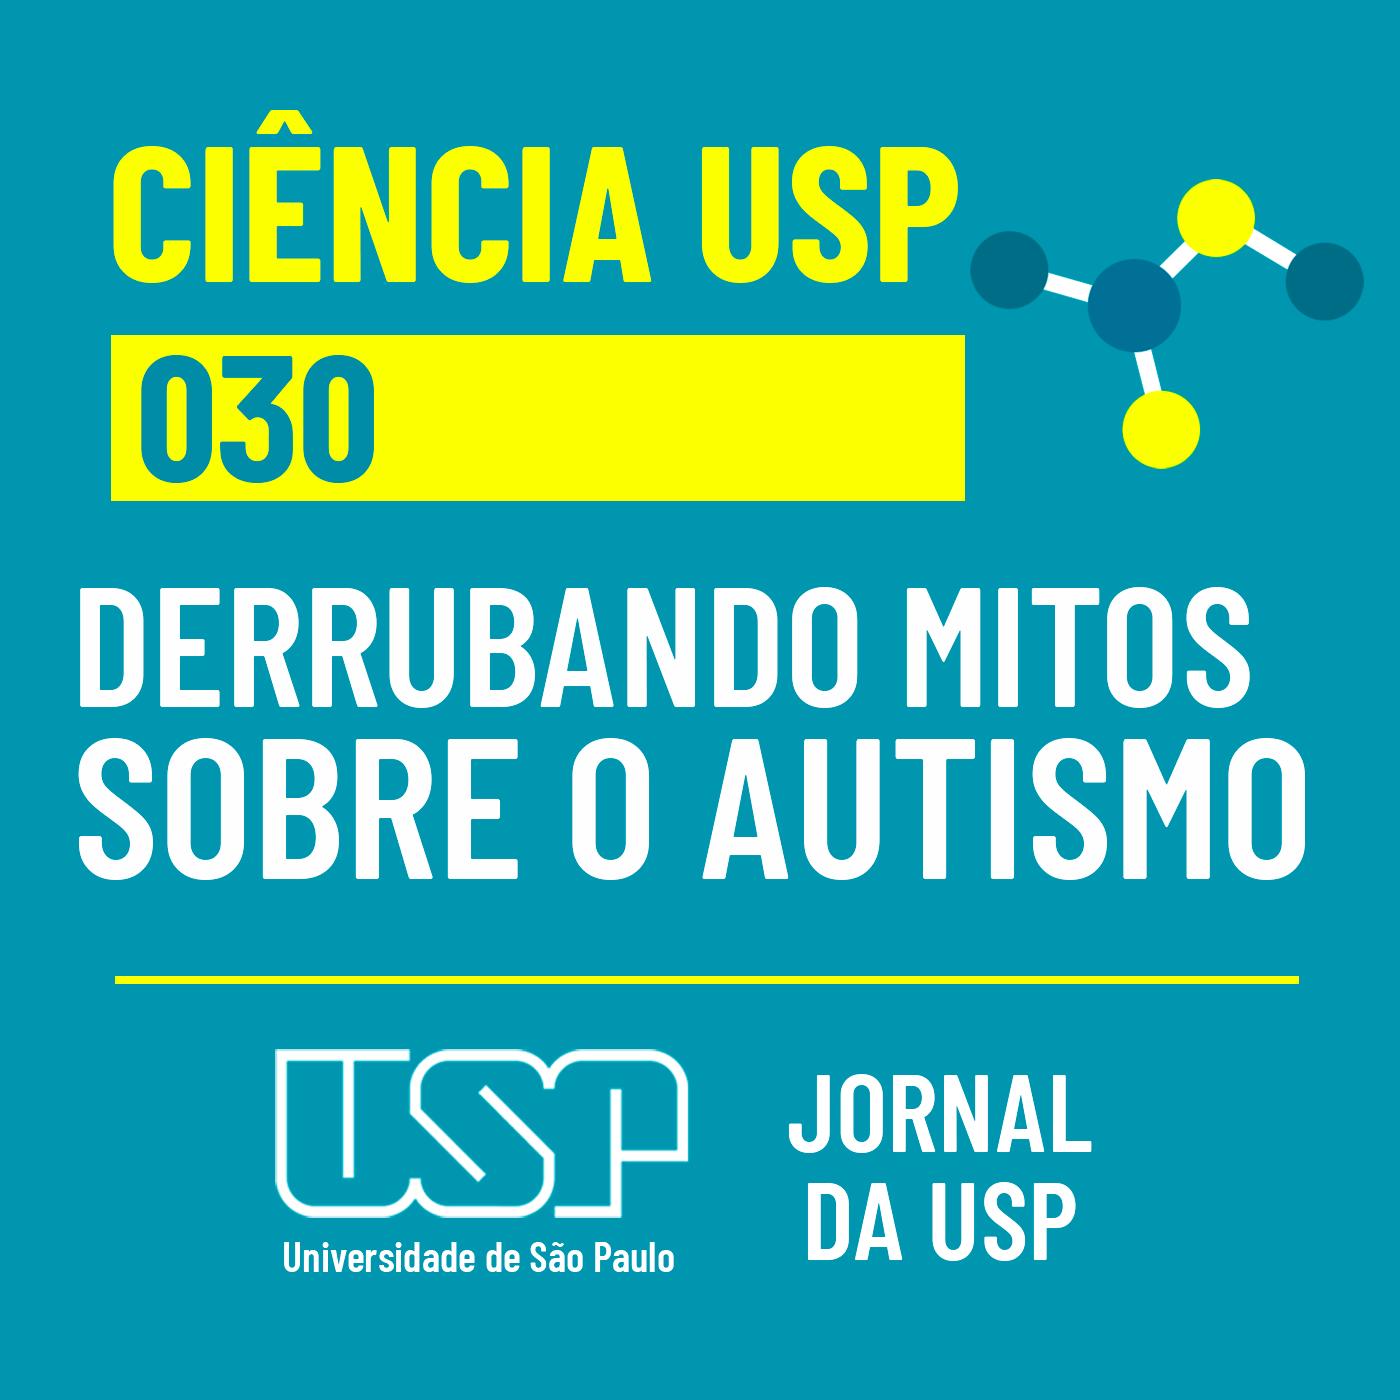 Ciência USP #30: Derrubando mitos sobre o autismo